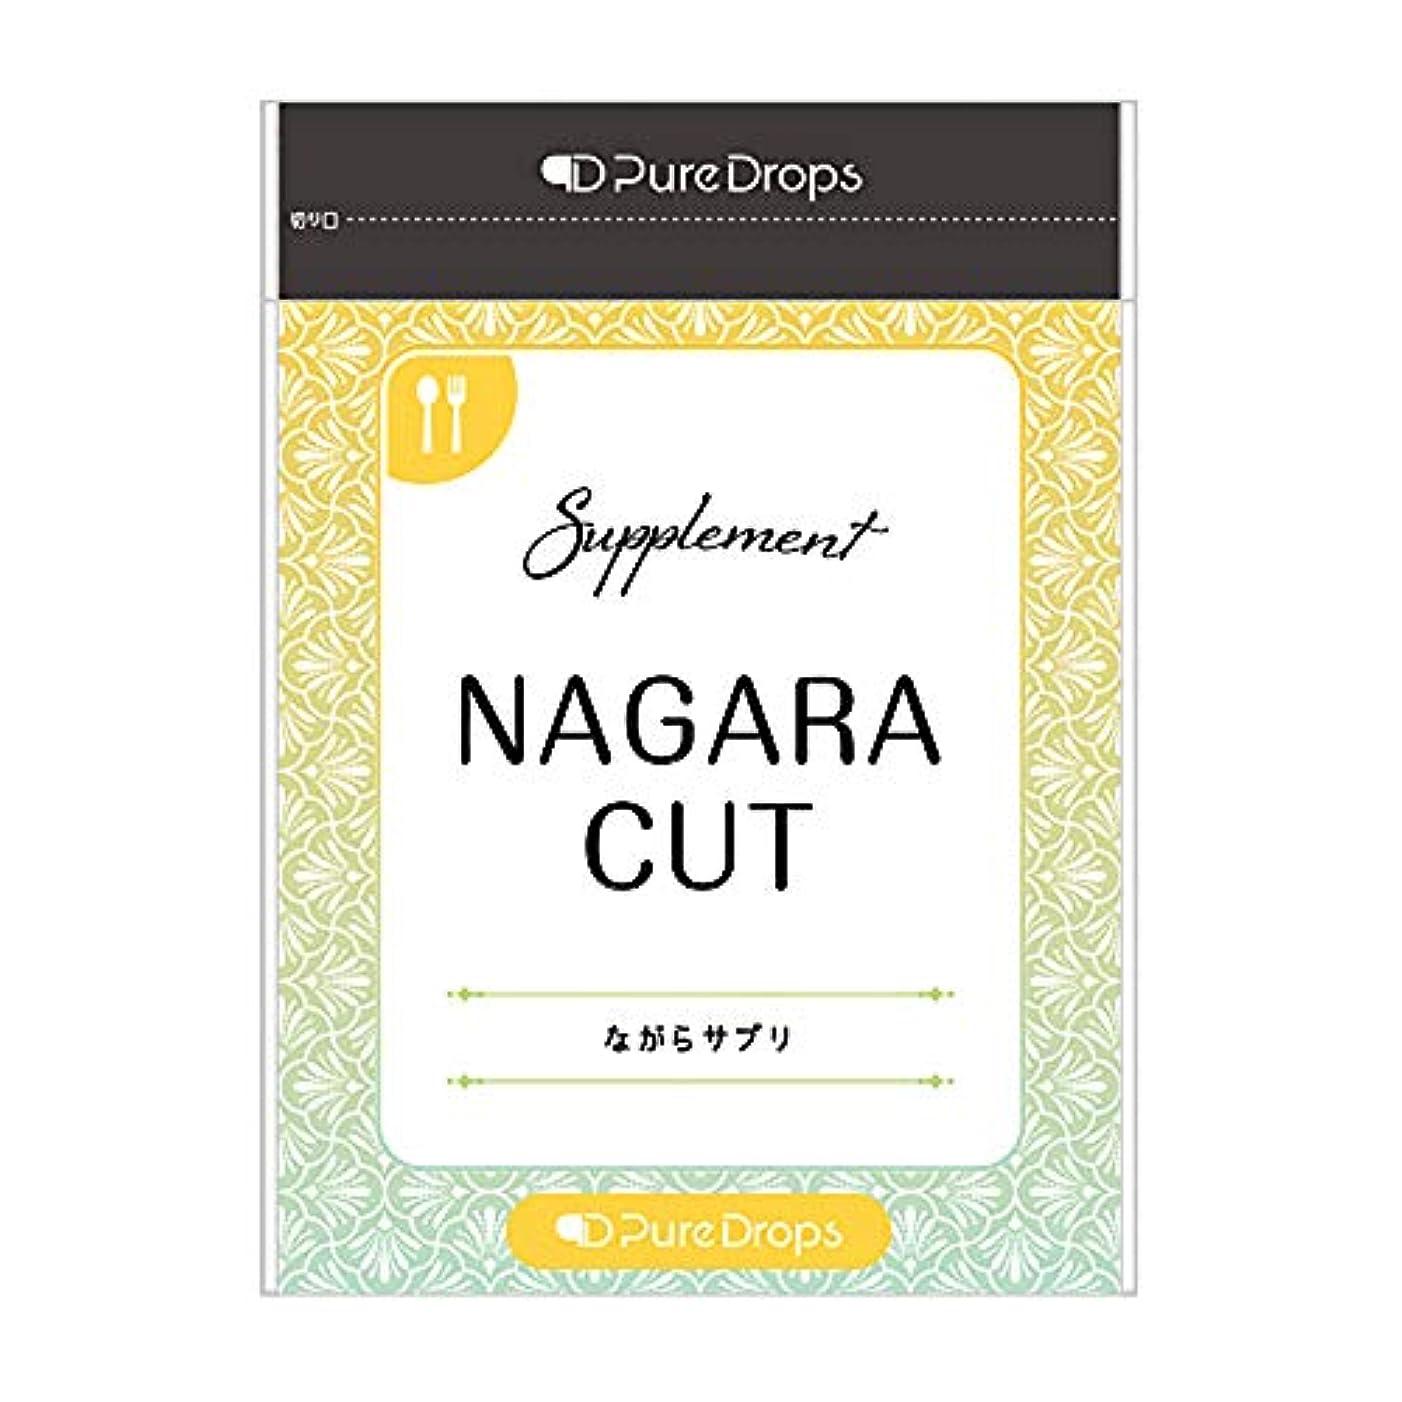 うま蜜買収NAGARA-CUT ~ ながらカット (約30日分)60粒 サラシア ギムネマ 白いんげん